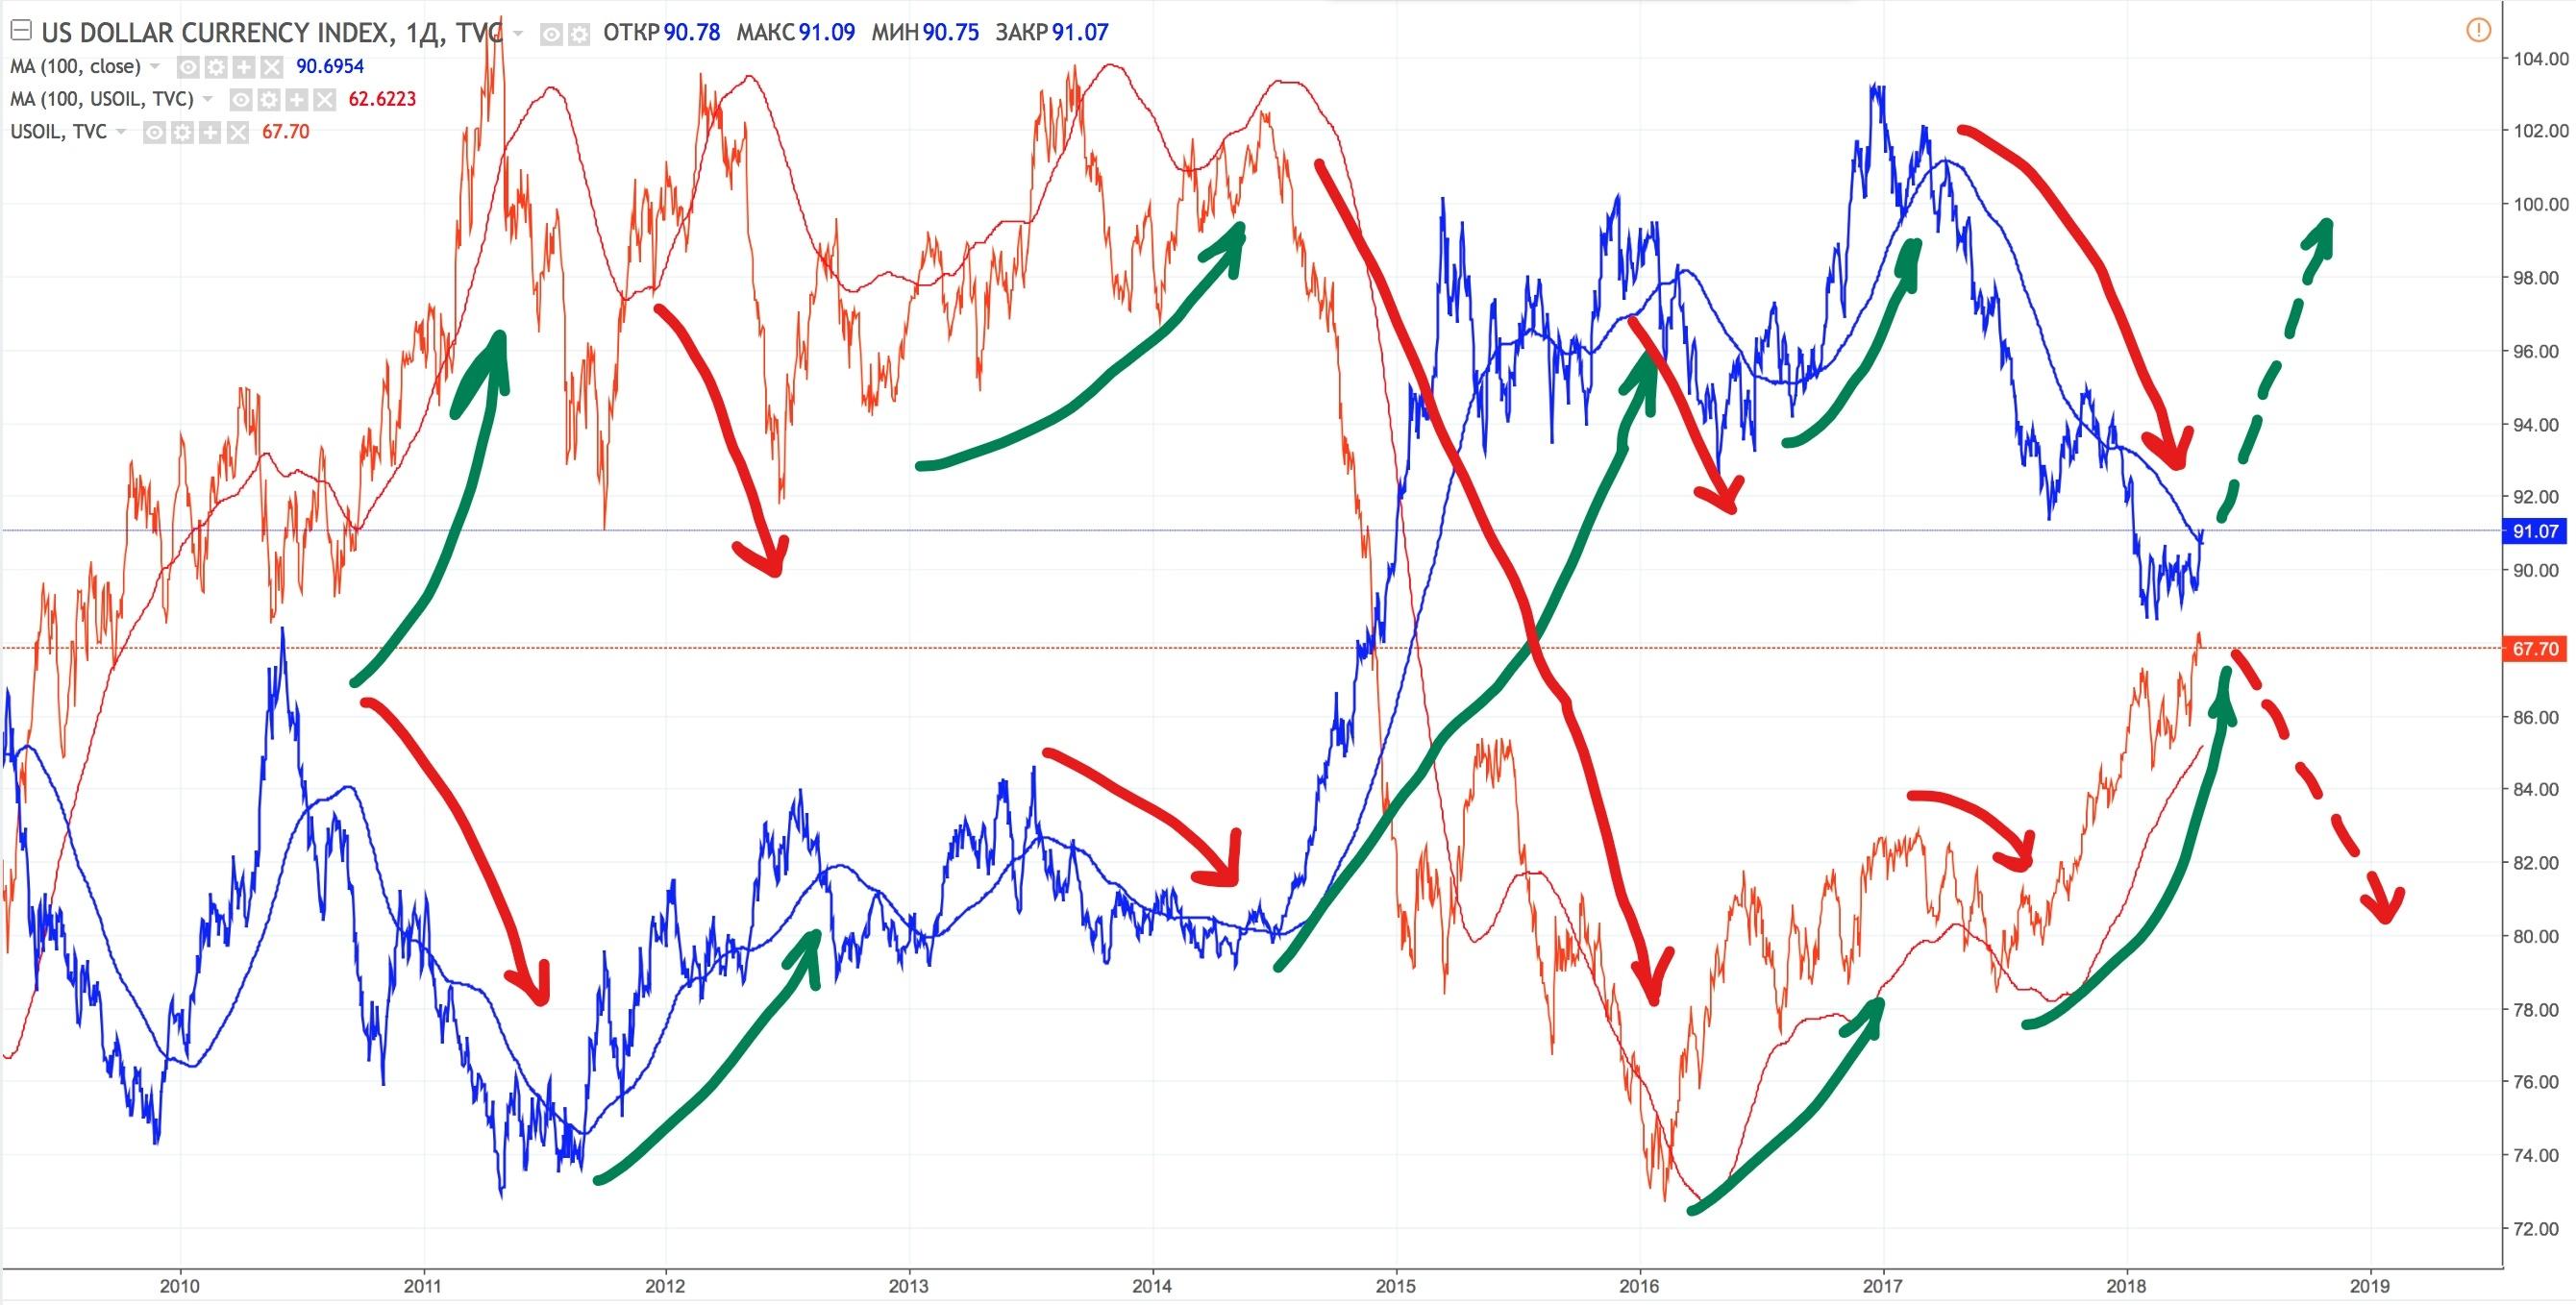 Анализ индекса доллара США и цен на нефть